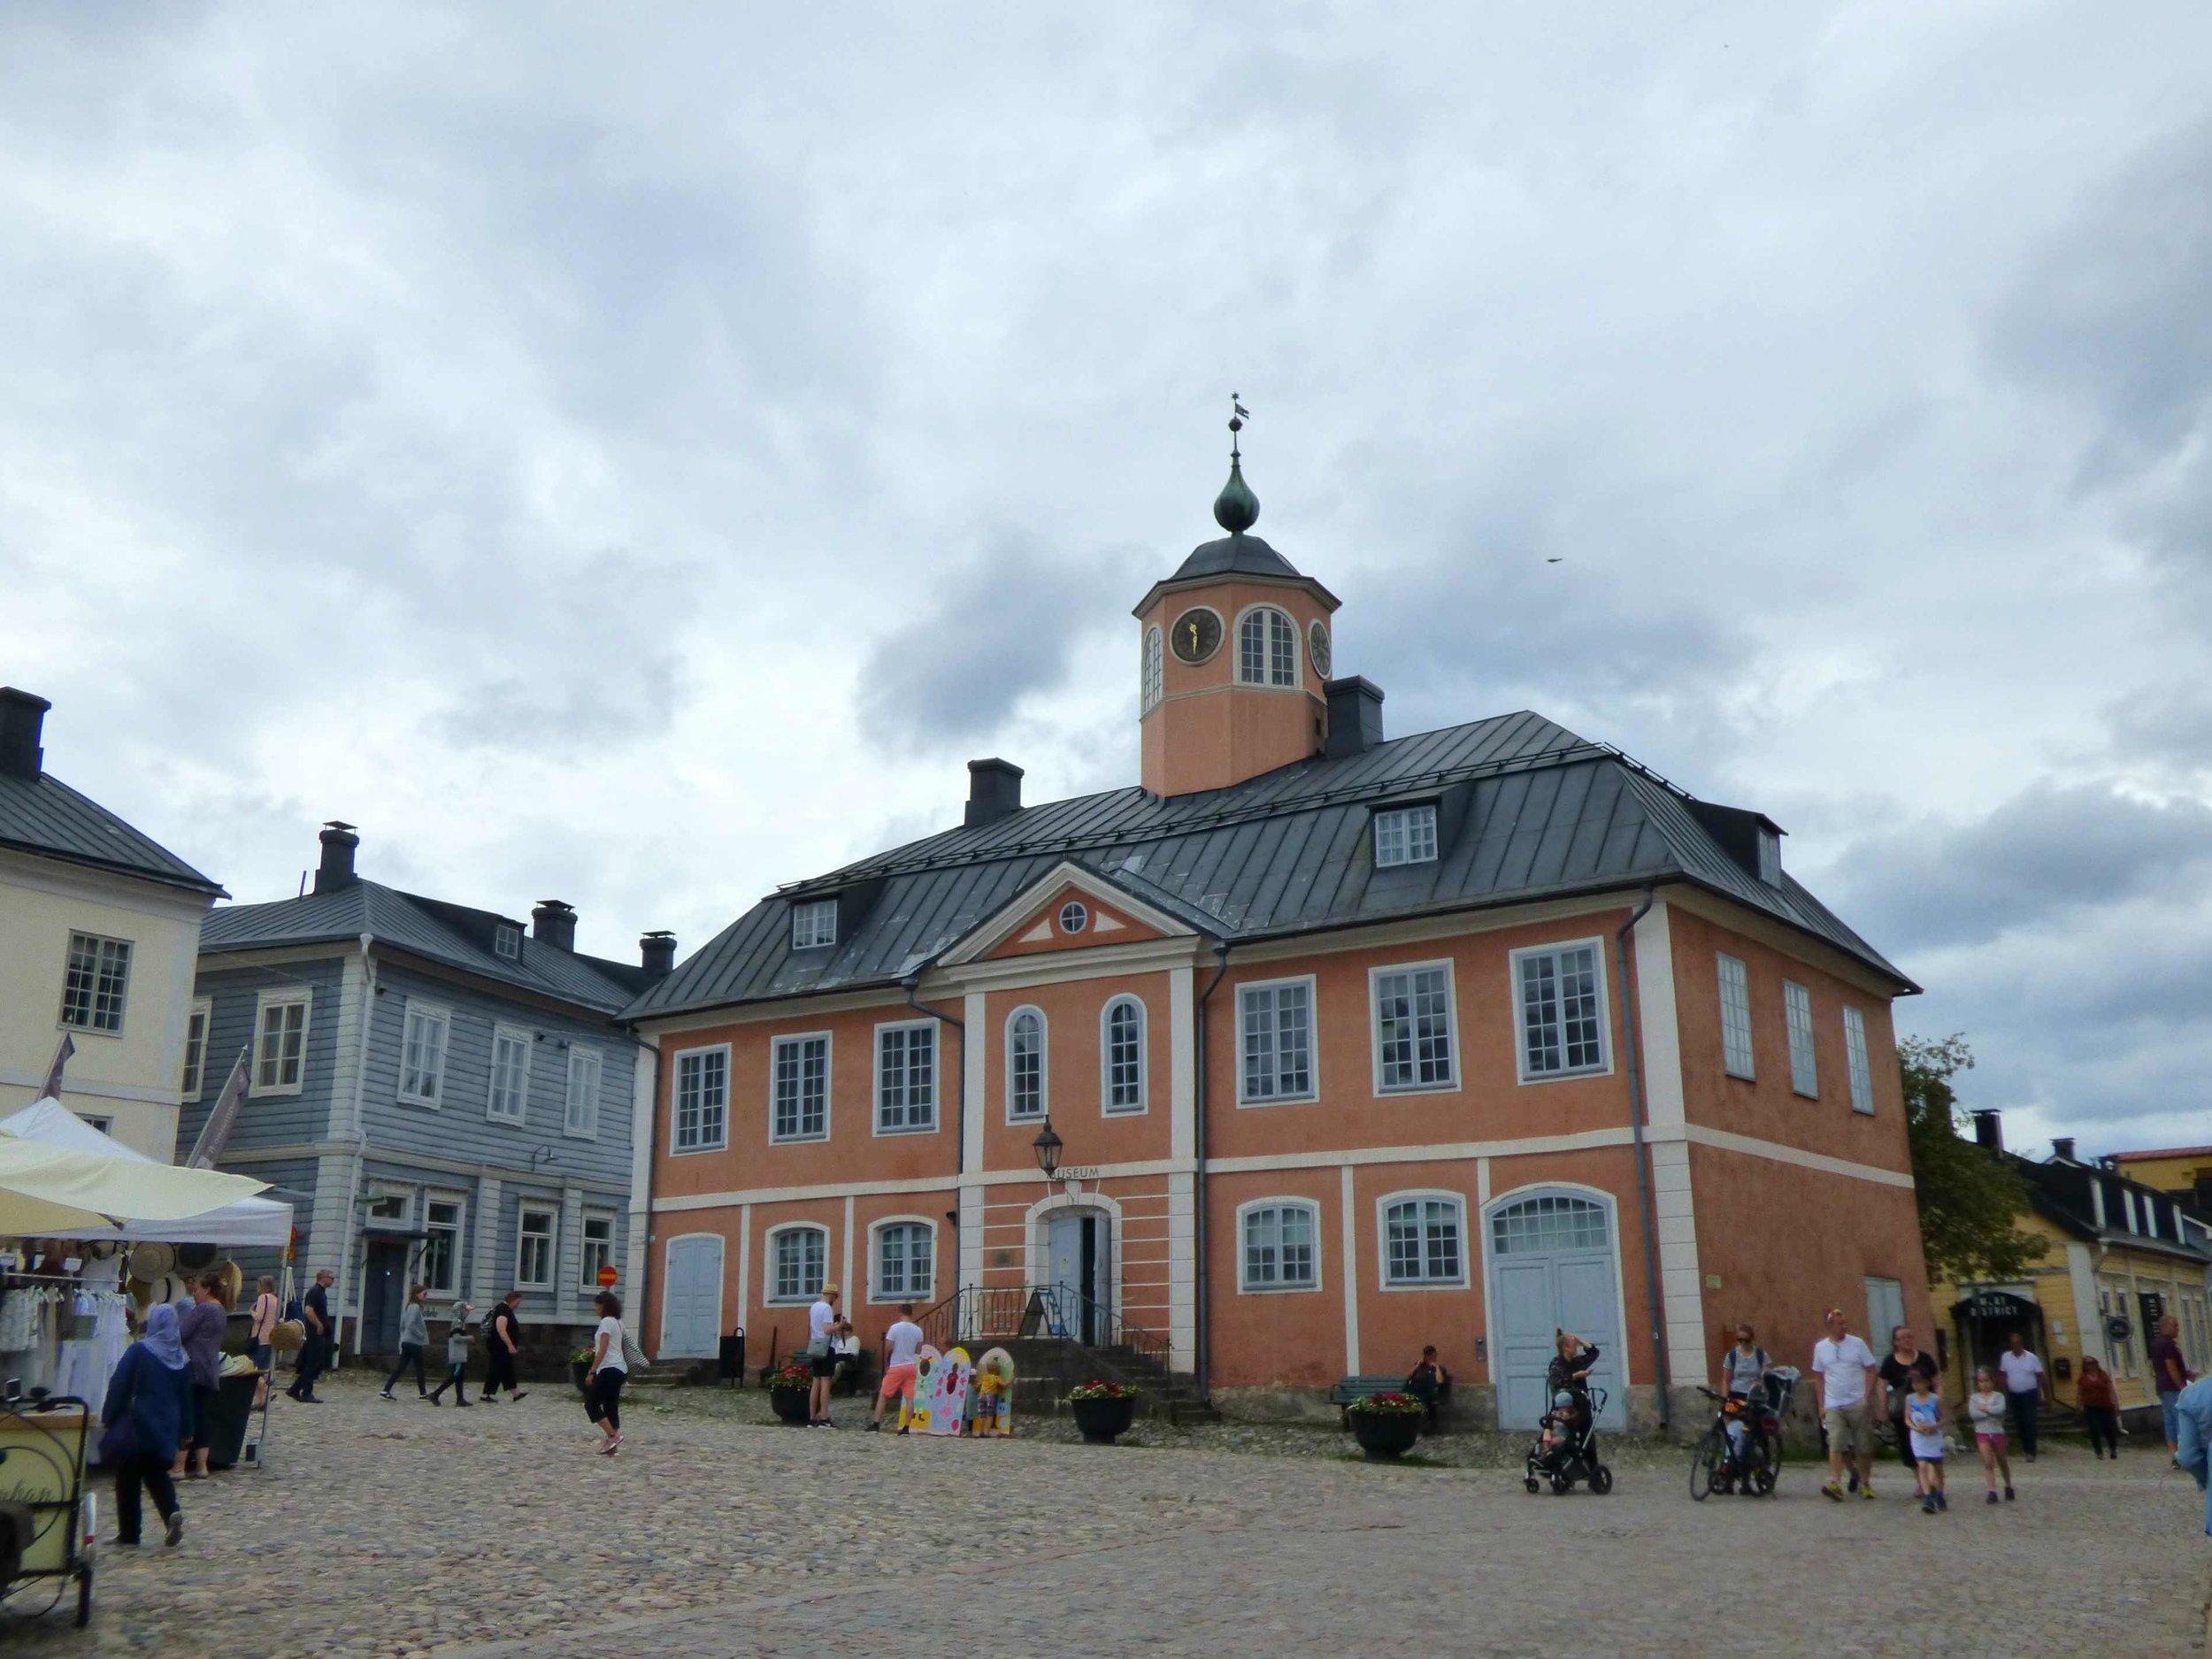 Porvoon raatihuone on rakennettu vuosina 1762-1764